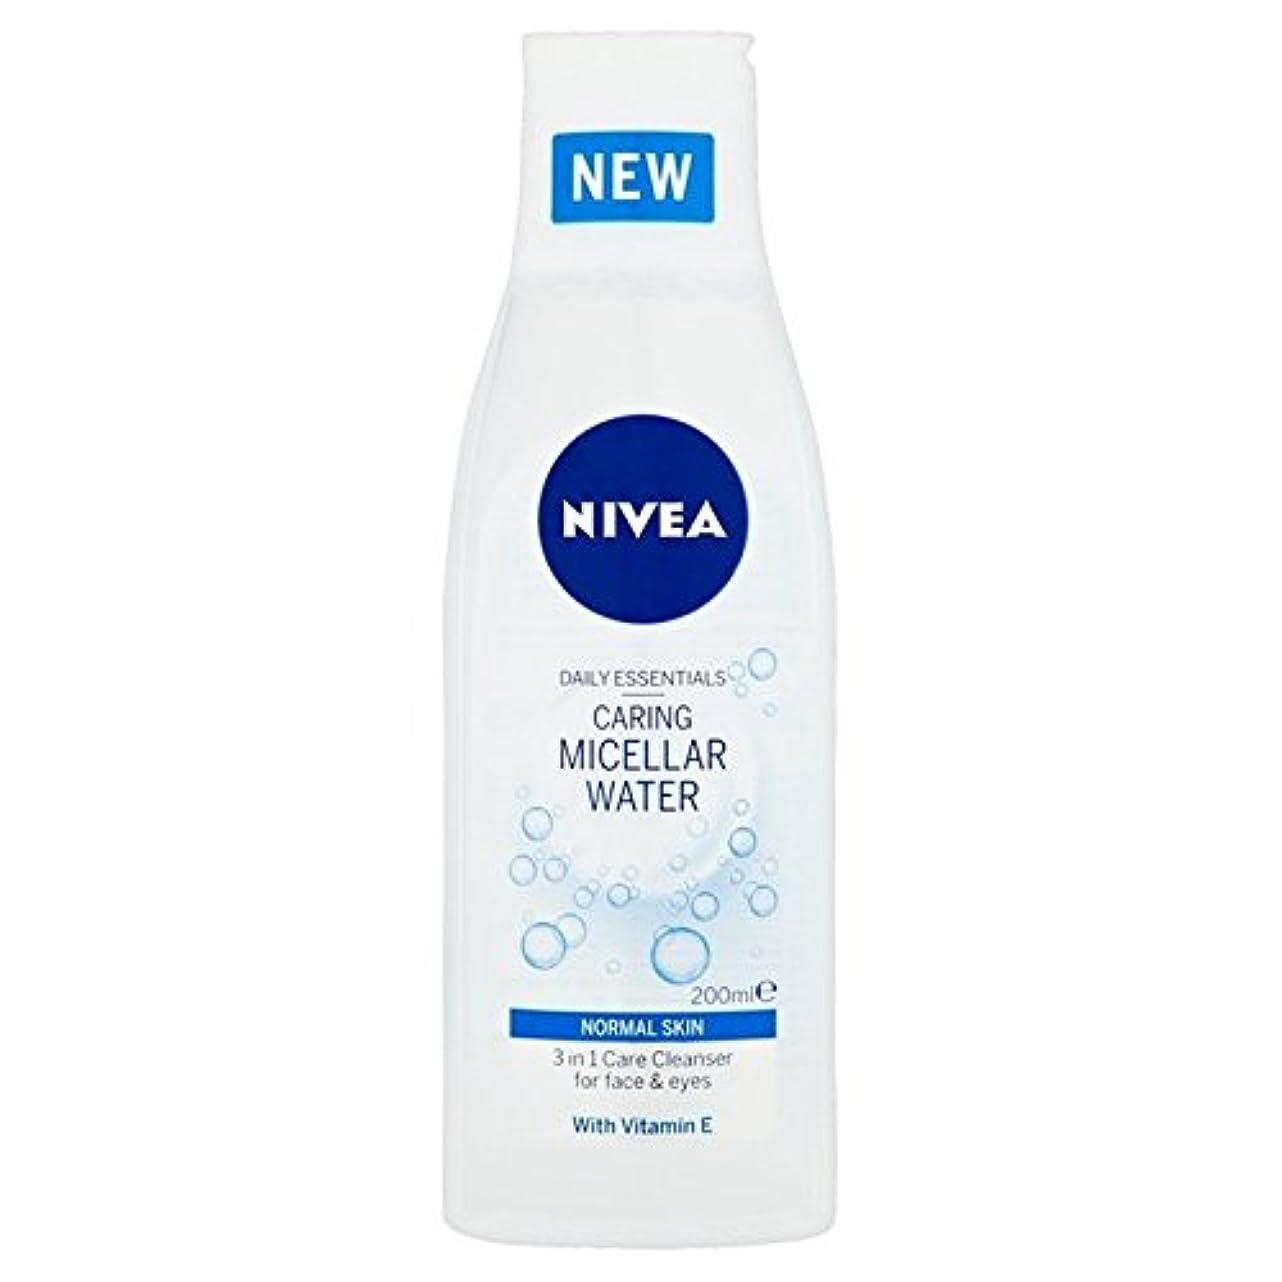 ヘッジ非難する見せますNivea 3 in 1 Sensitive Caring Micellar Water Normal Skin 200ml (Pack of 6) - 1つの敏感な思いやりのあるミセル水の正常な皮膚の200ミリリットル...